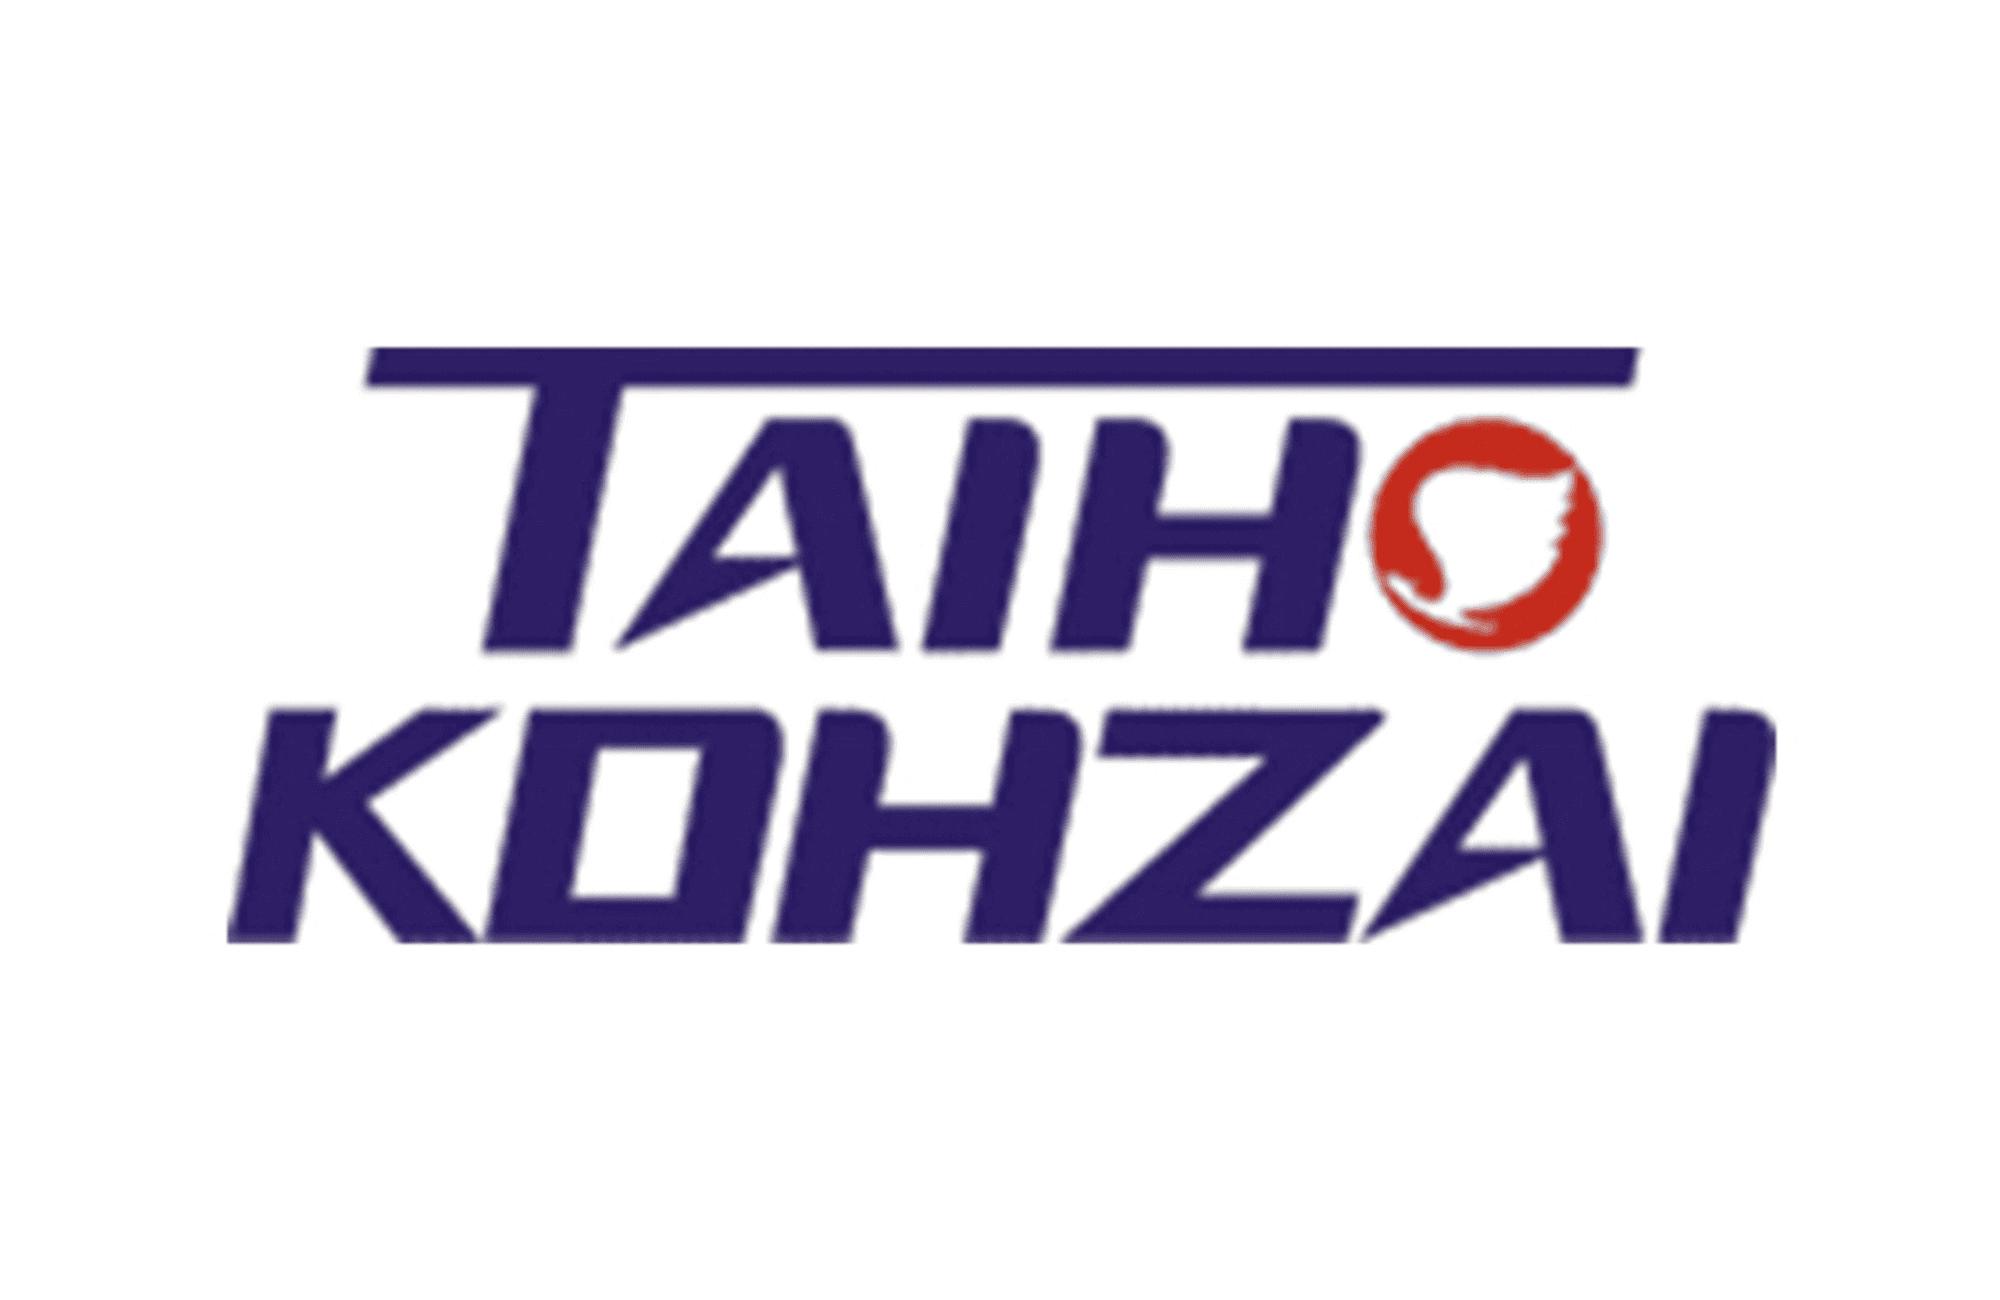 Taiho Kohzai chính hãng